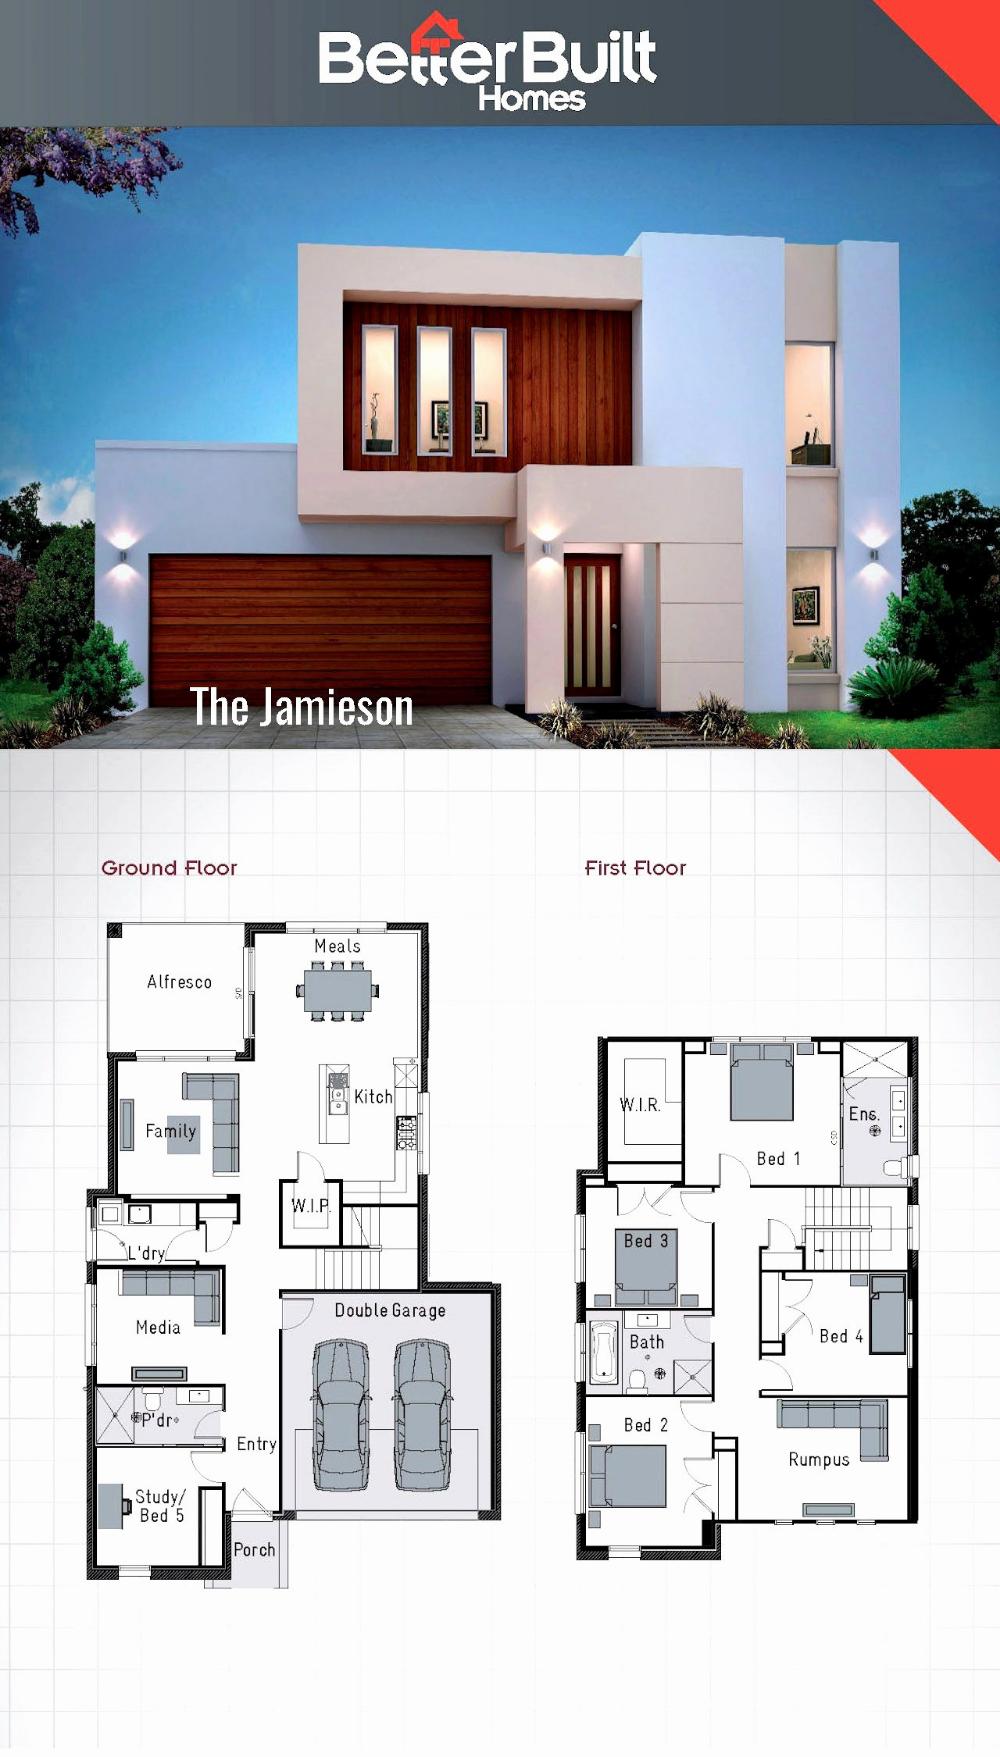 Simulateur Terrasse 3d Gratuit : simulateur, terrasse, gratuit, Decoration, Maison, Gratuit,, Contemporaine,, Contemporaine